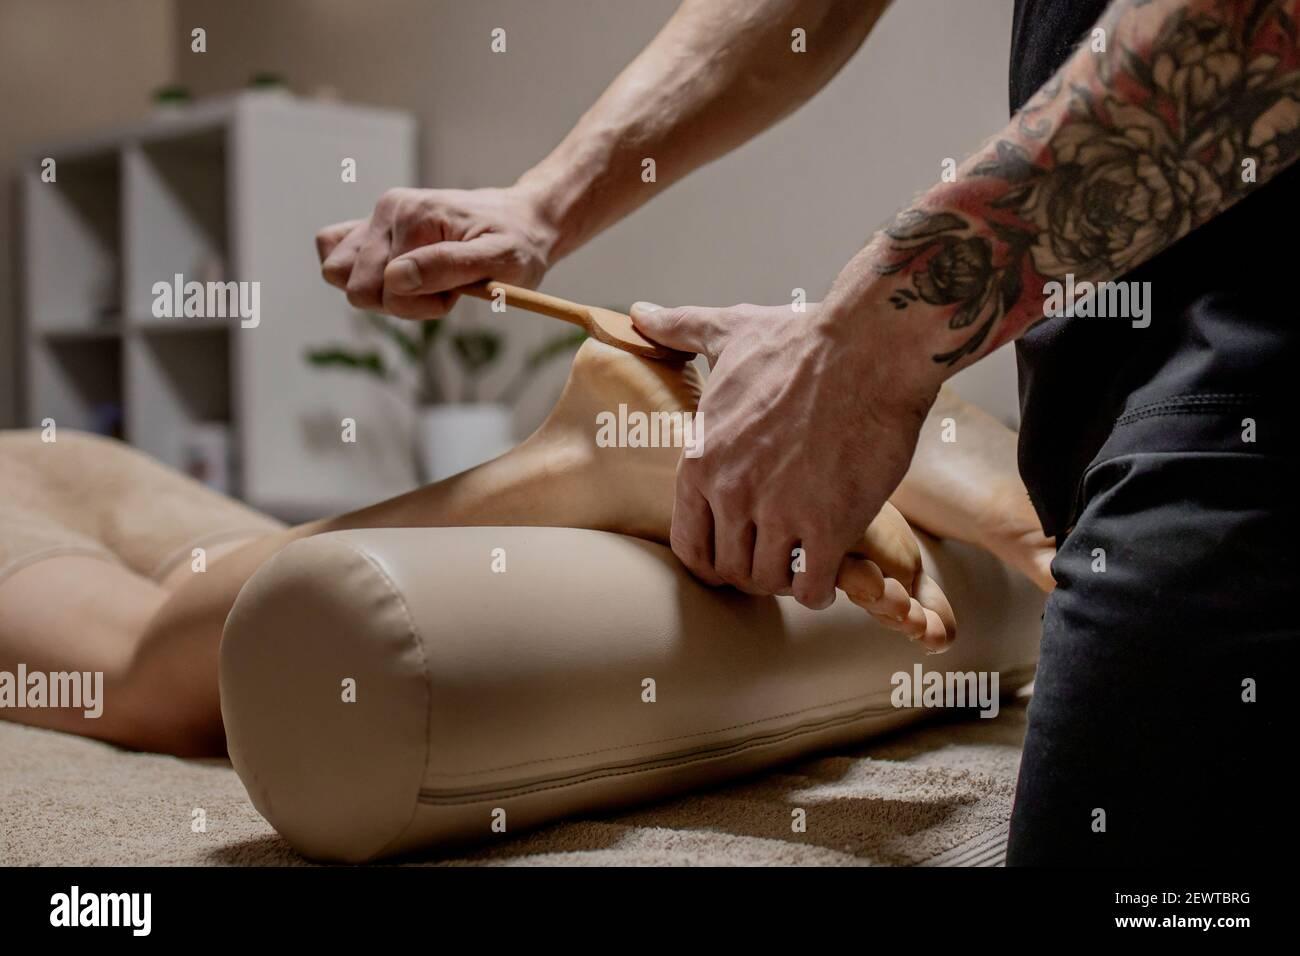 Acupresión, reflexología. La medicina natural, la reflexología, el masajeador de pie acupresión oprime los puntos de flujo de energía Foto de stock